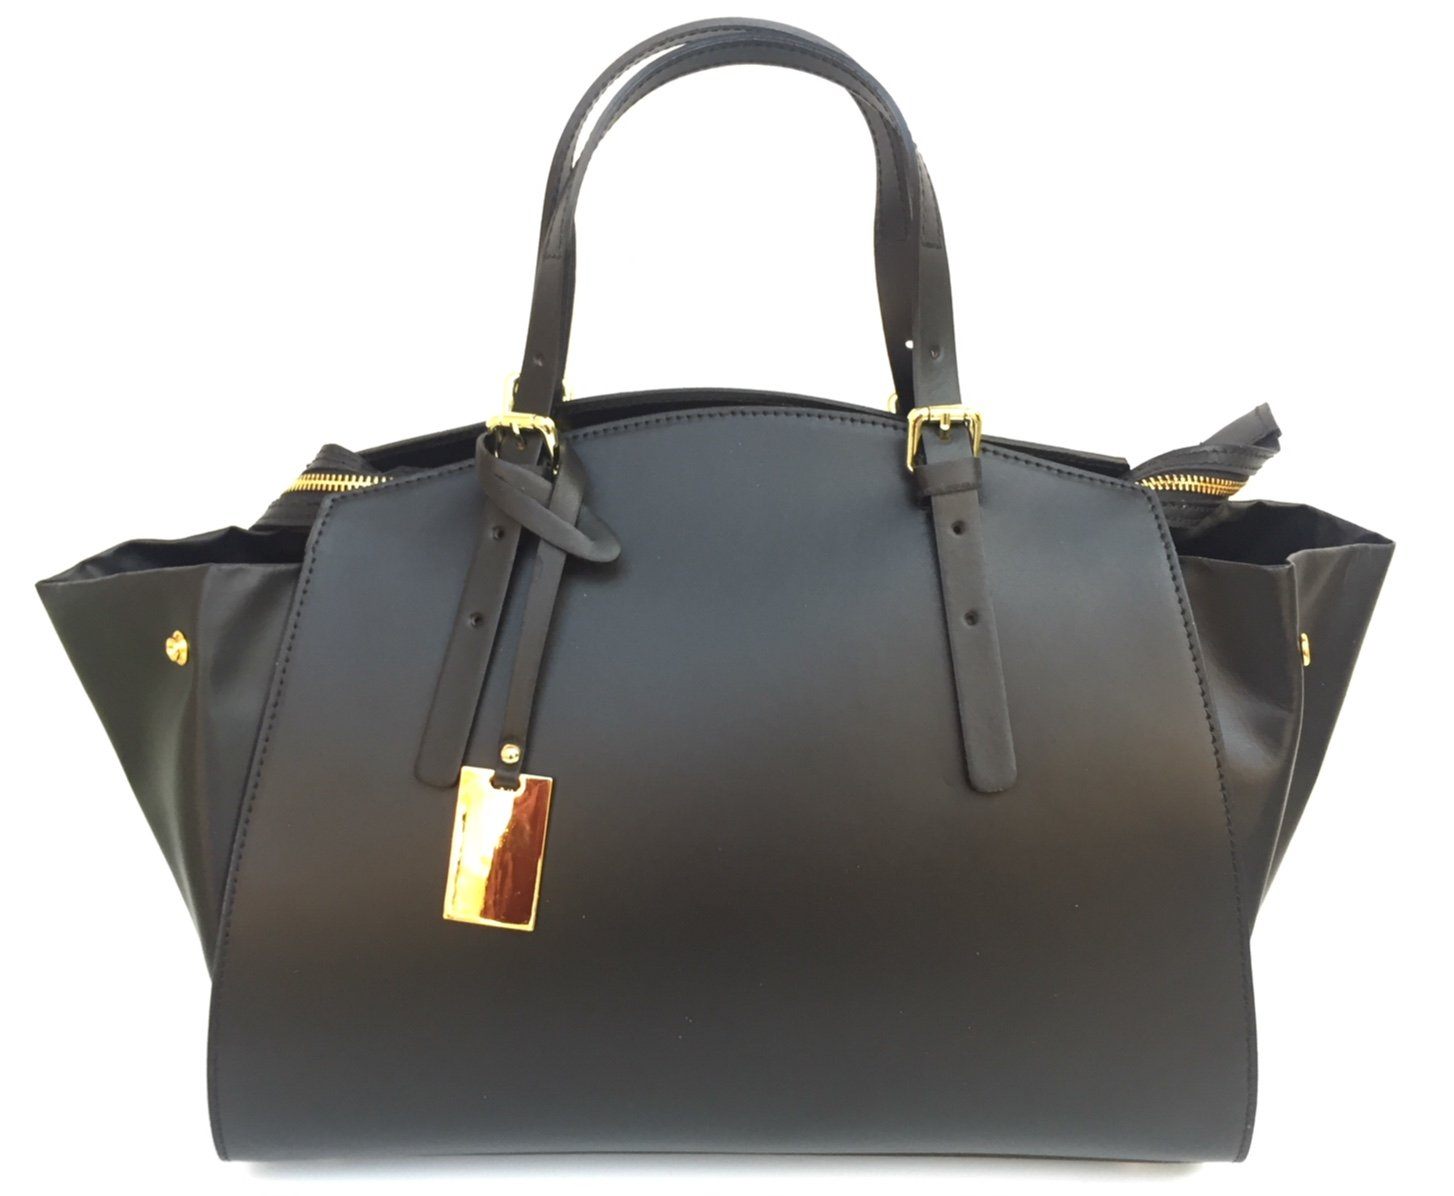 Superflygbags damväska modell Edwige (axel- eller handväska) äkta läder Made In Italy svart